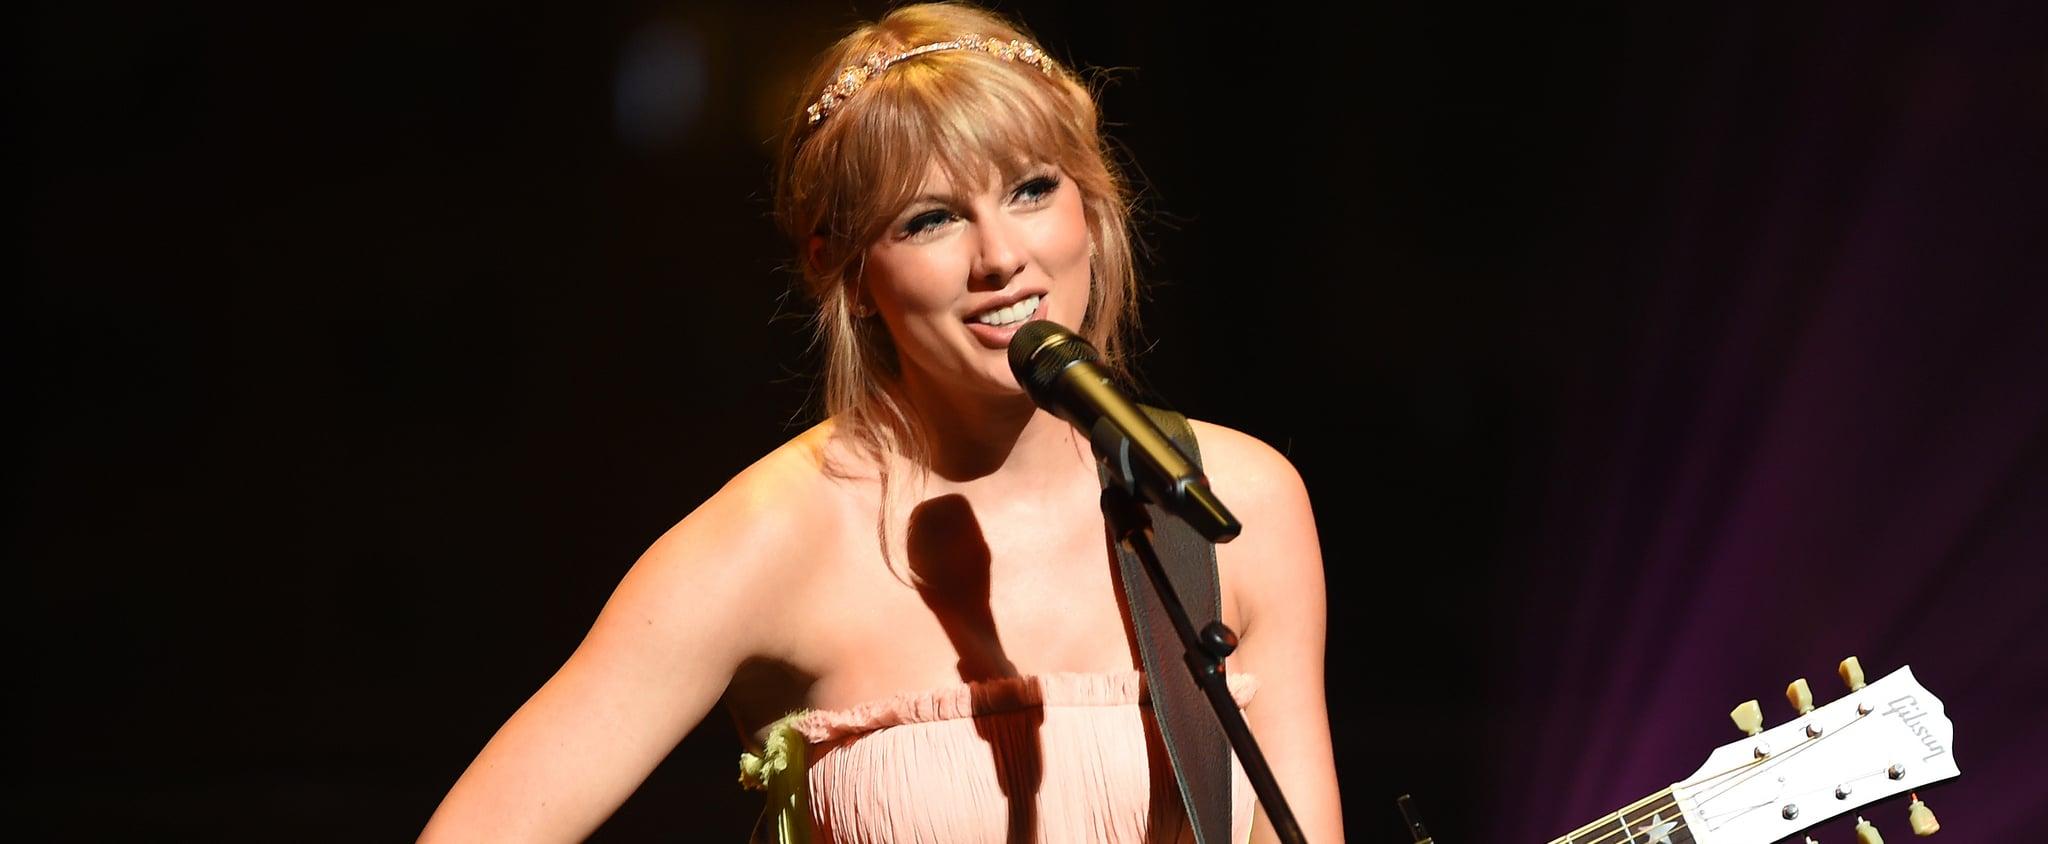 Taylor Swift Songs About Joe Alwyn